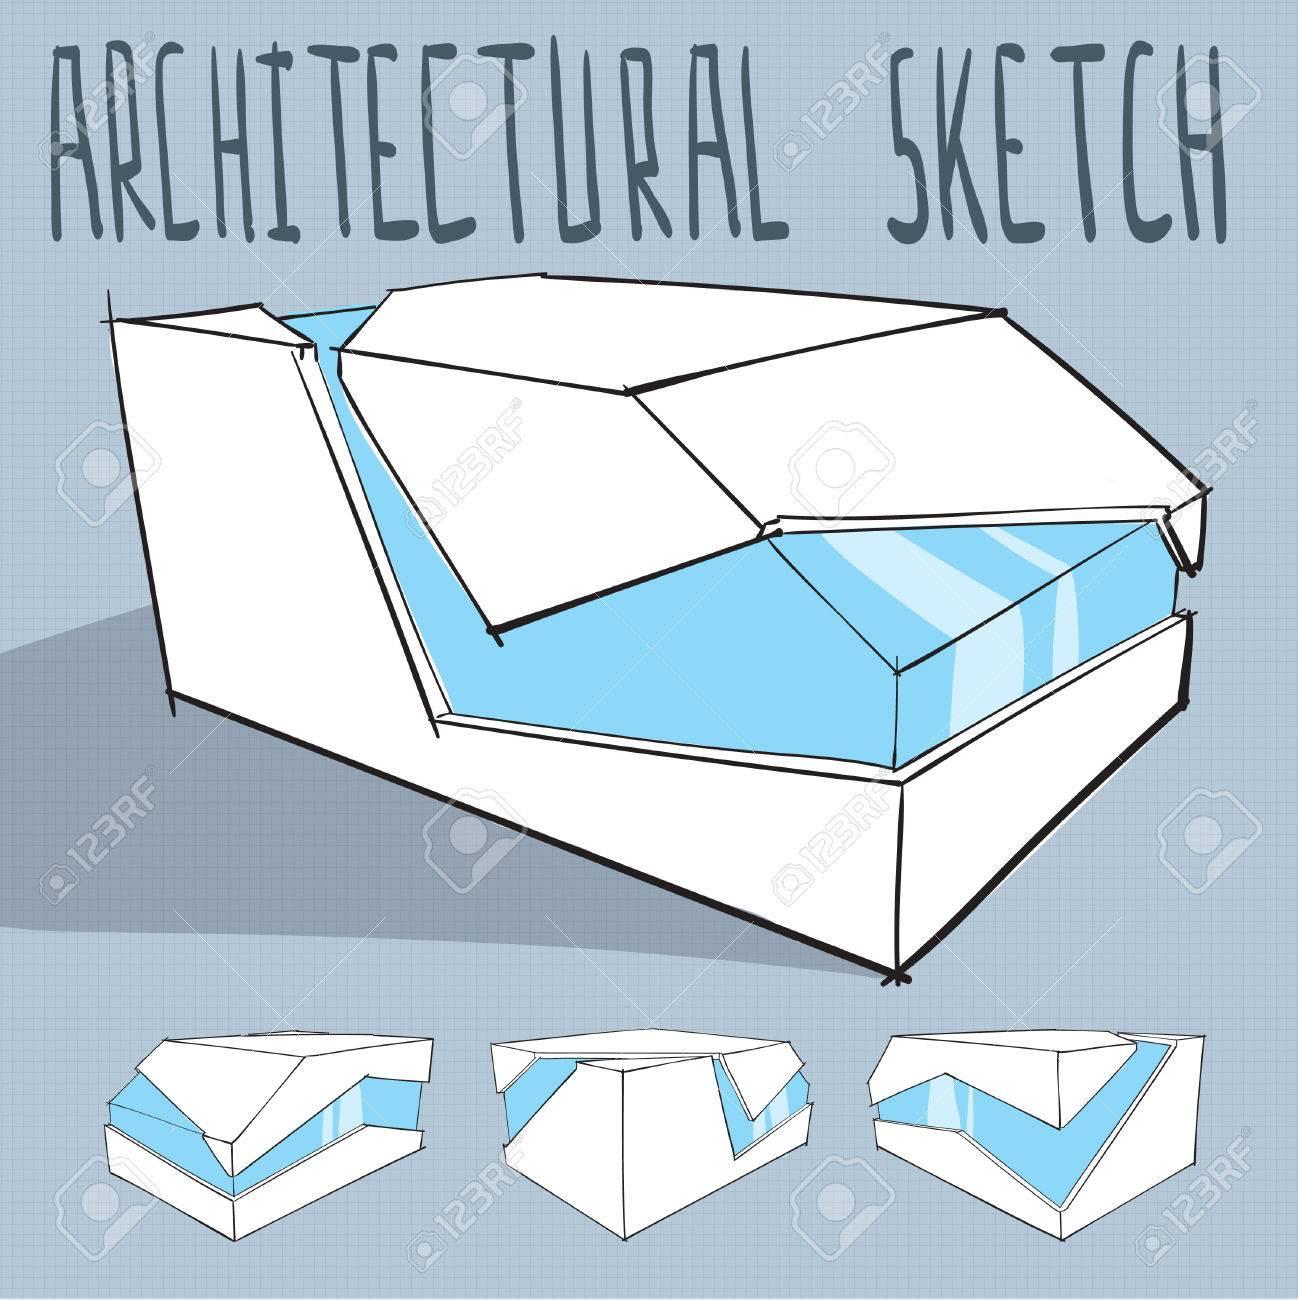 Architektur Skizze Minimalistisch Modernen Gebäude Vektor Lizenzfrei